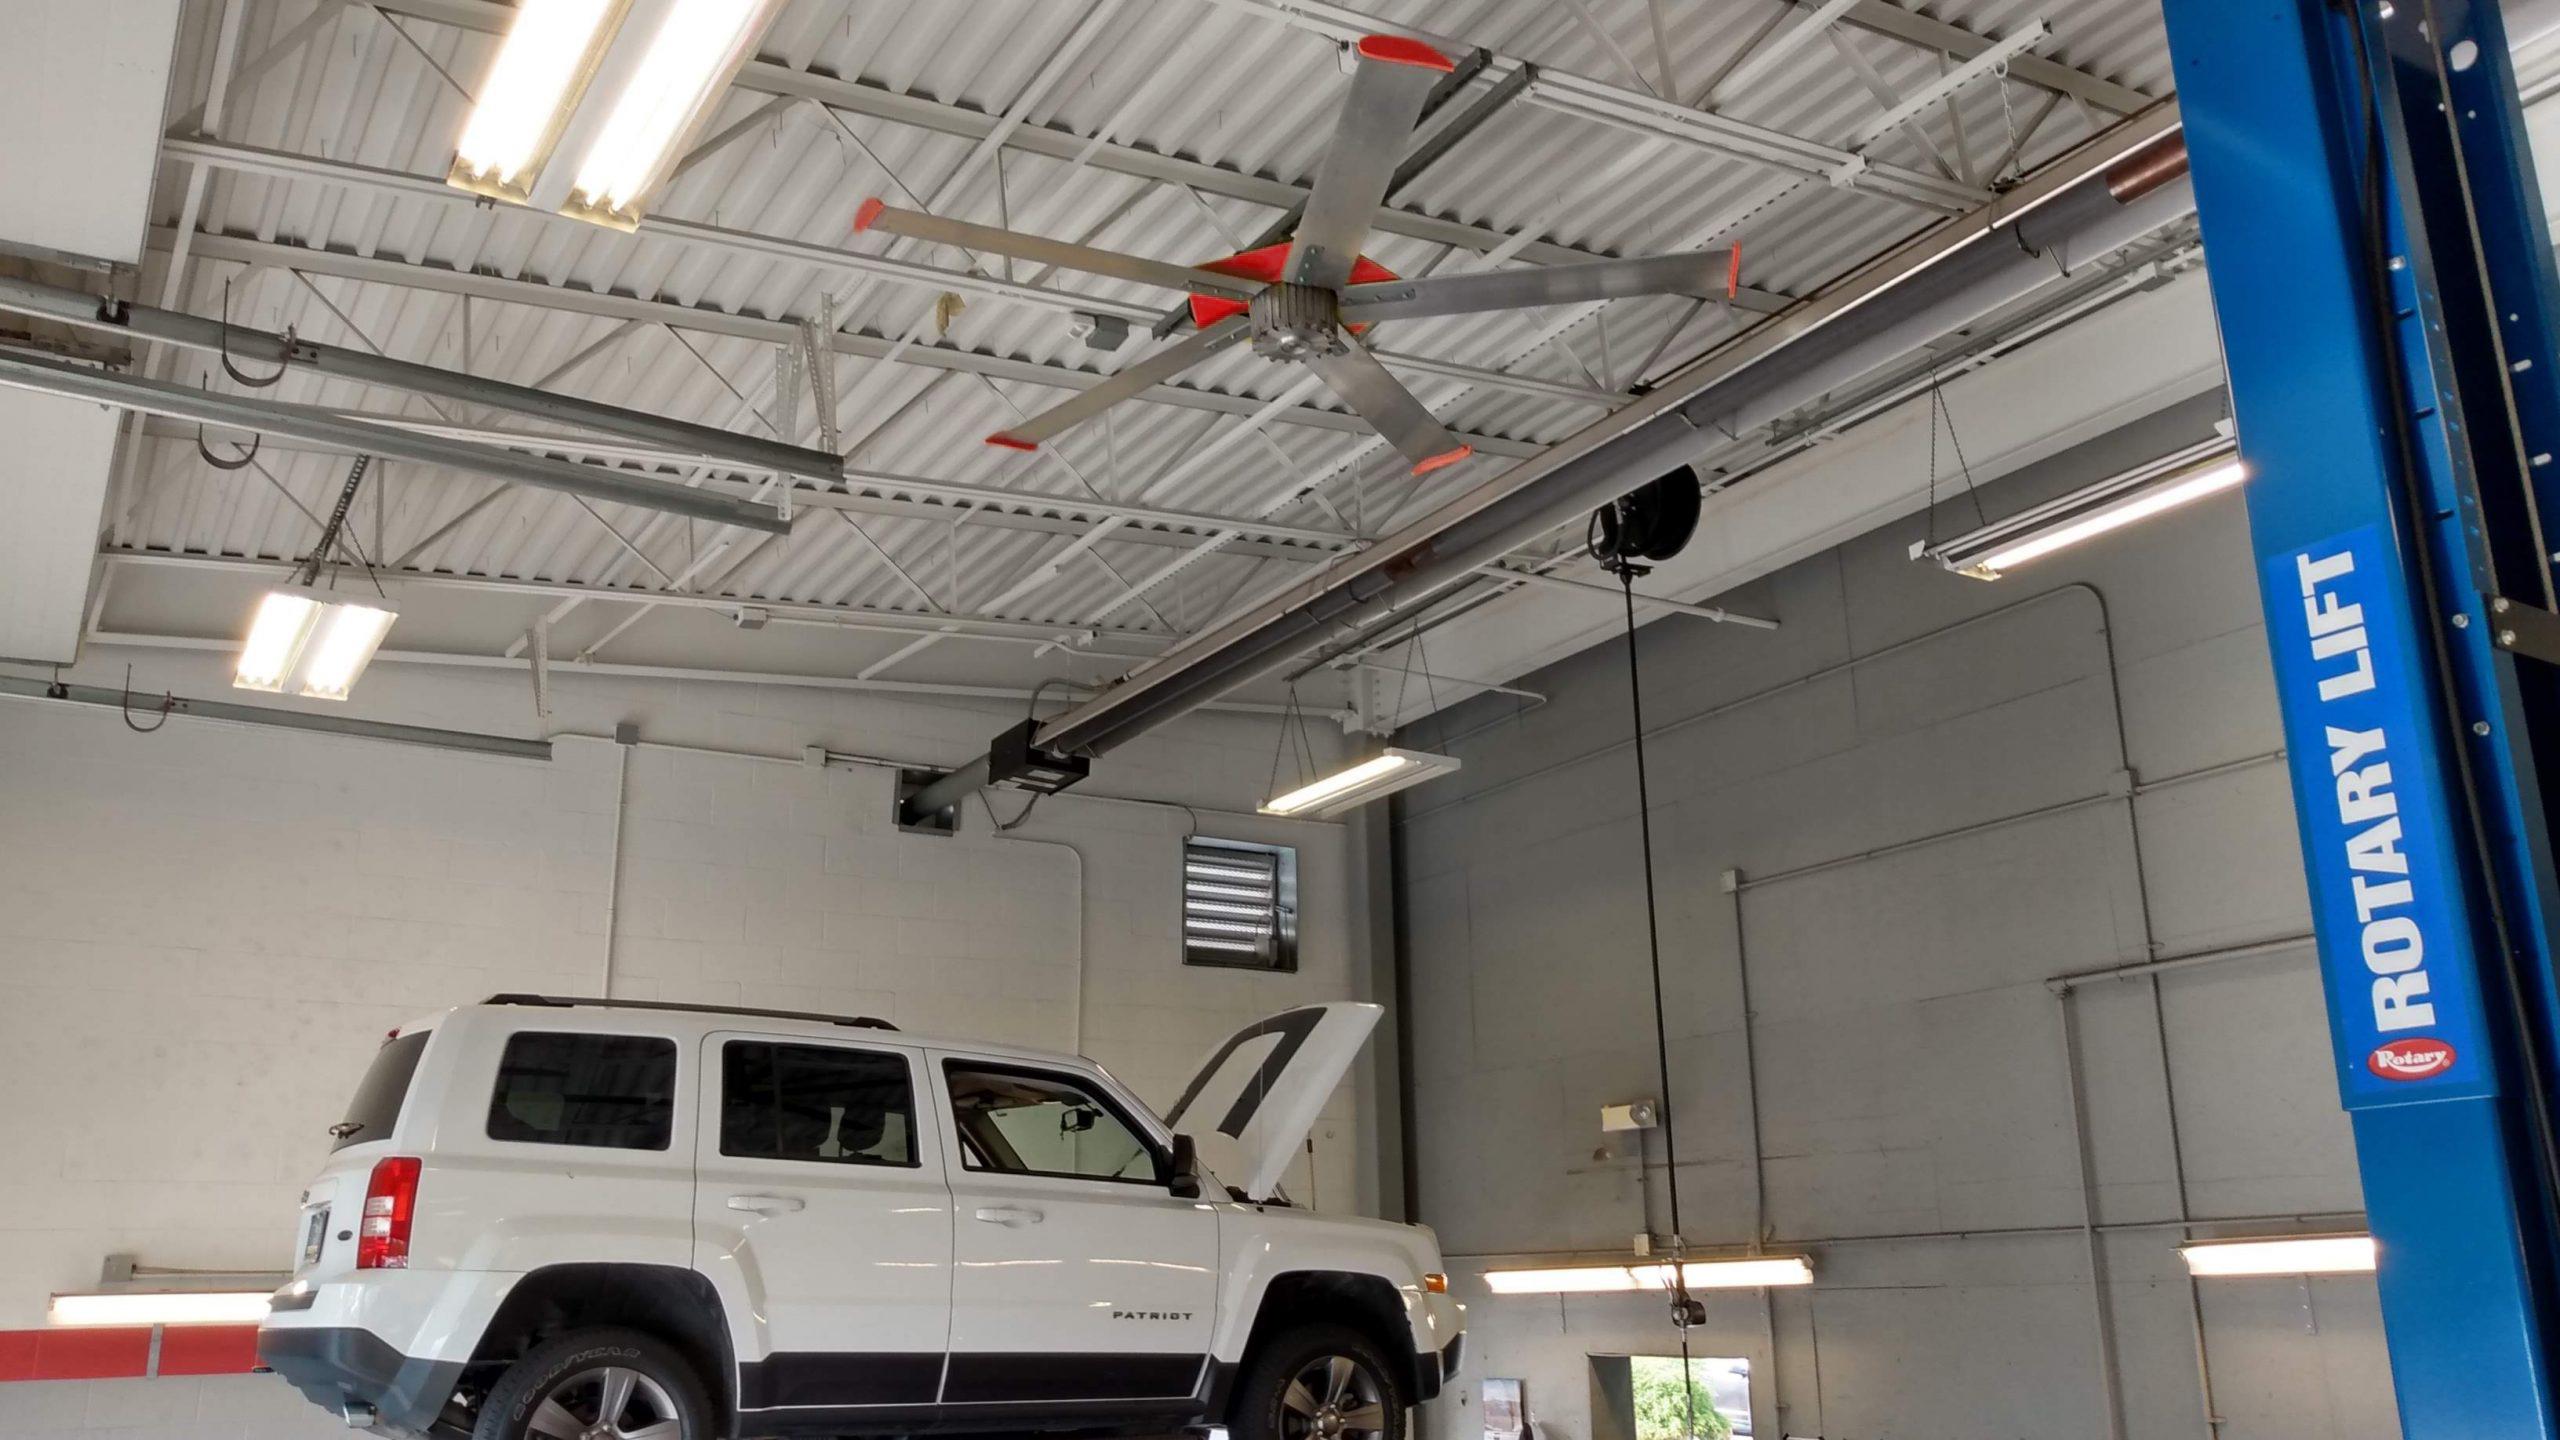 A big ceiling fan above a car lift